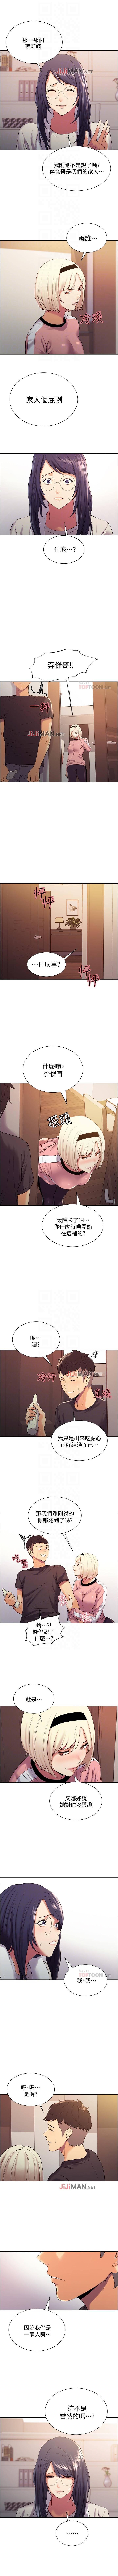 【周二连载】室友招募中(作者:Serious) 第1~13话 46